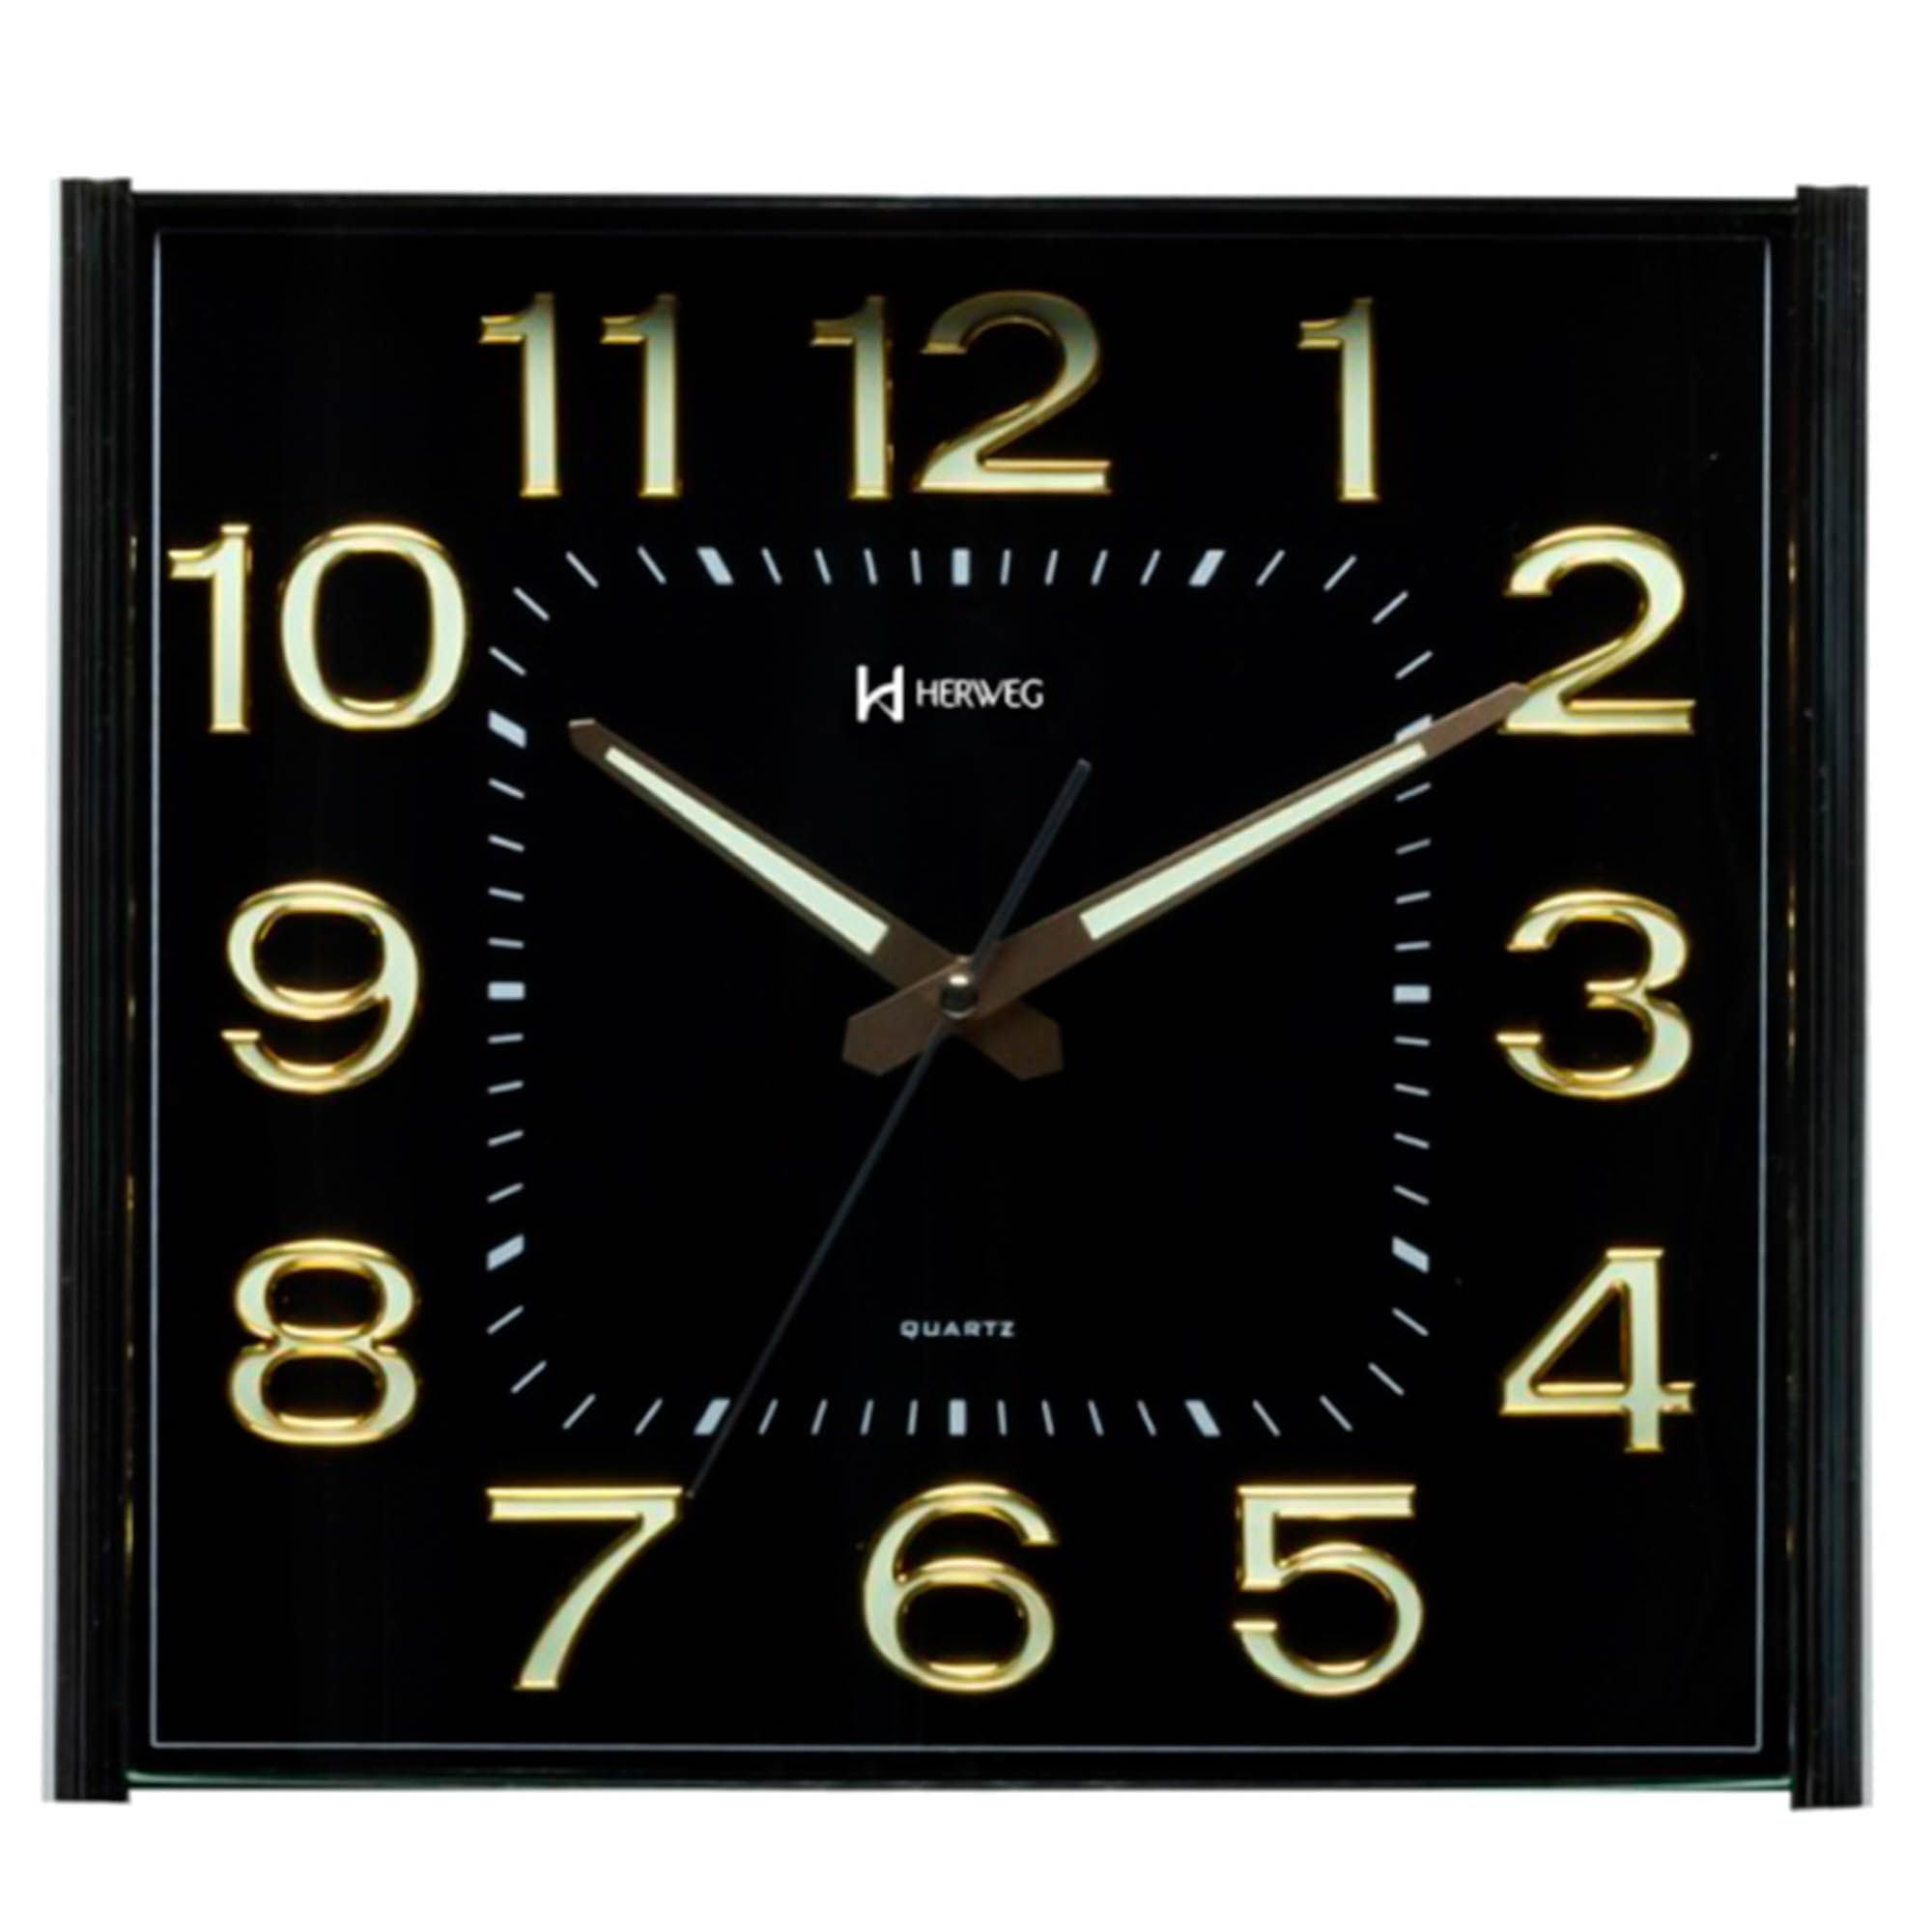 Relógio de Parede Analógico Herweg 6460 029 Dourado